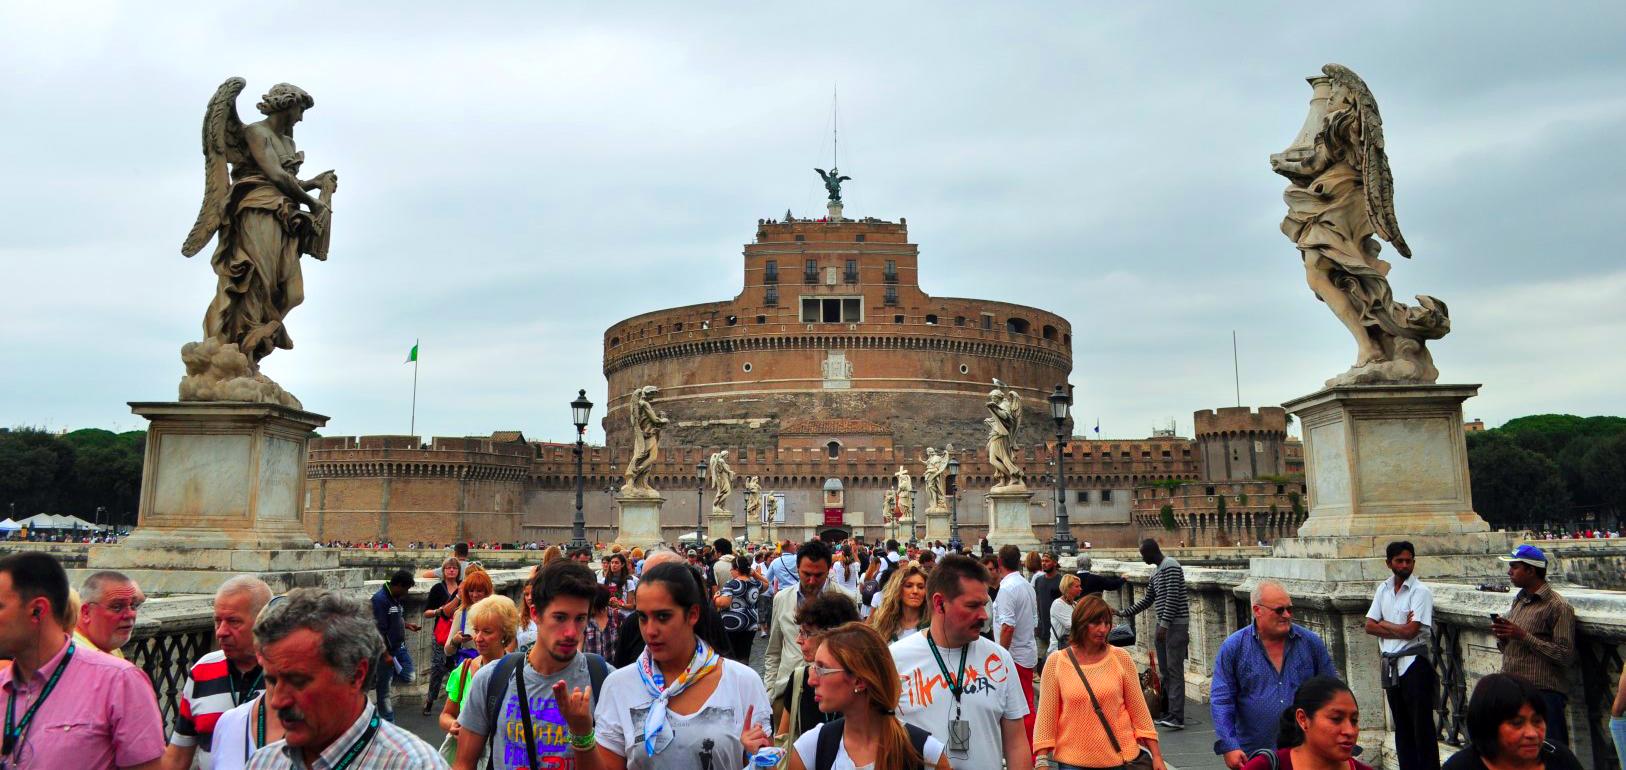 Cosas que ver gratis en Roma, Italia roma - 29836367582 2357a9f176 o - 21+1 Cosas que NO hacer en Roma, Italia